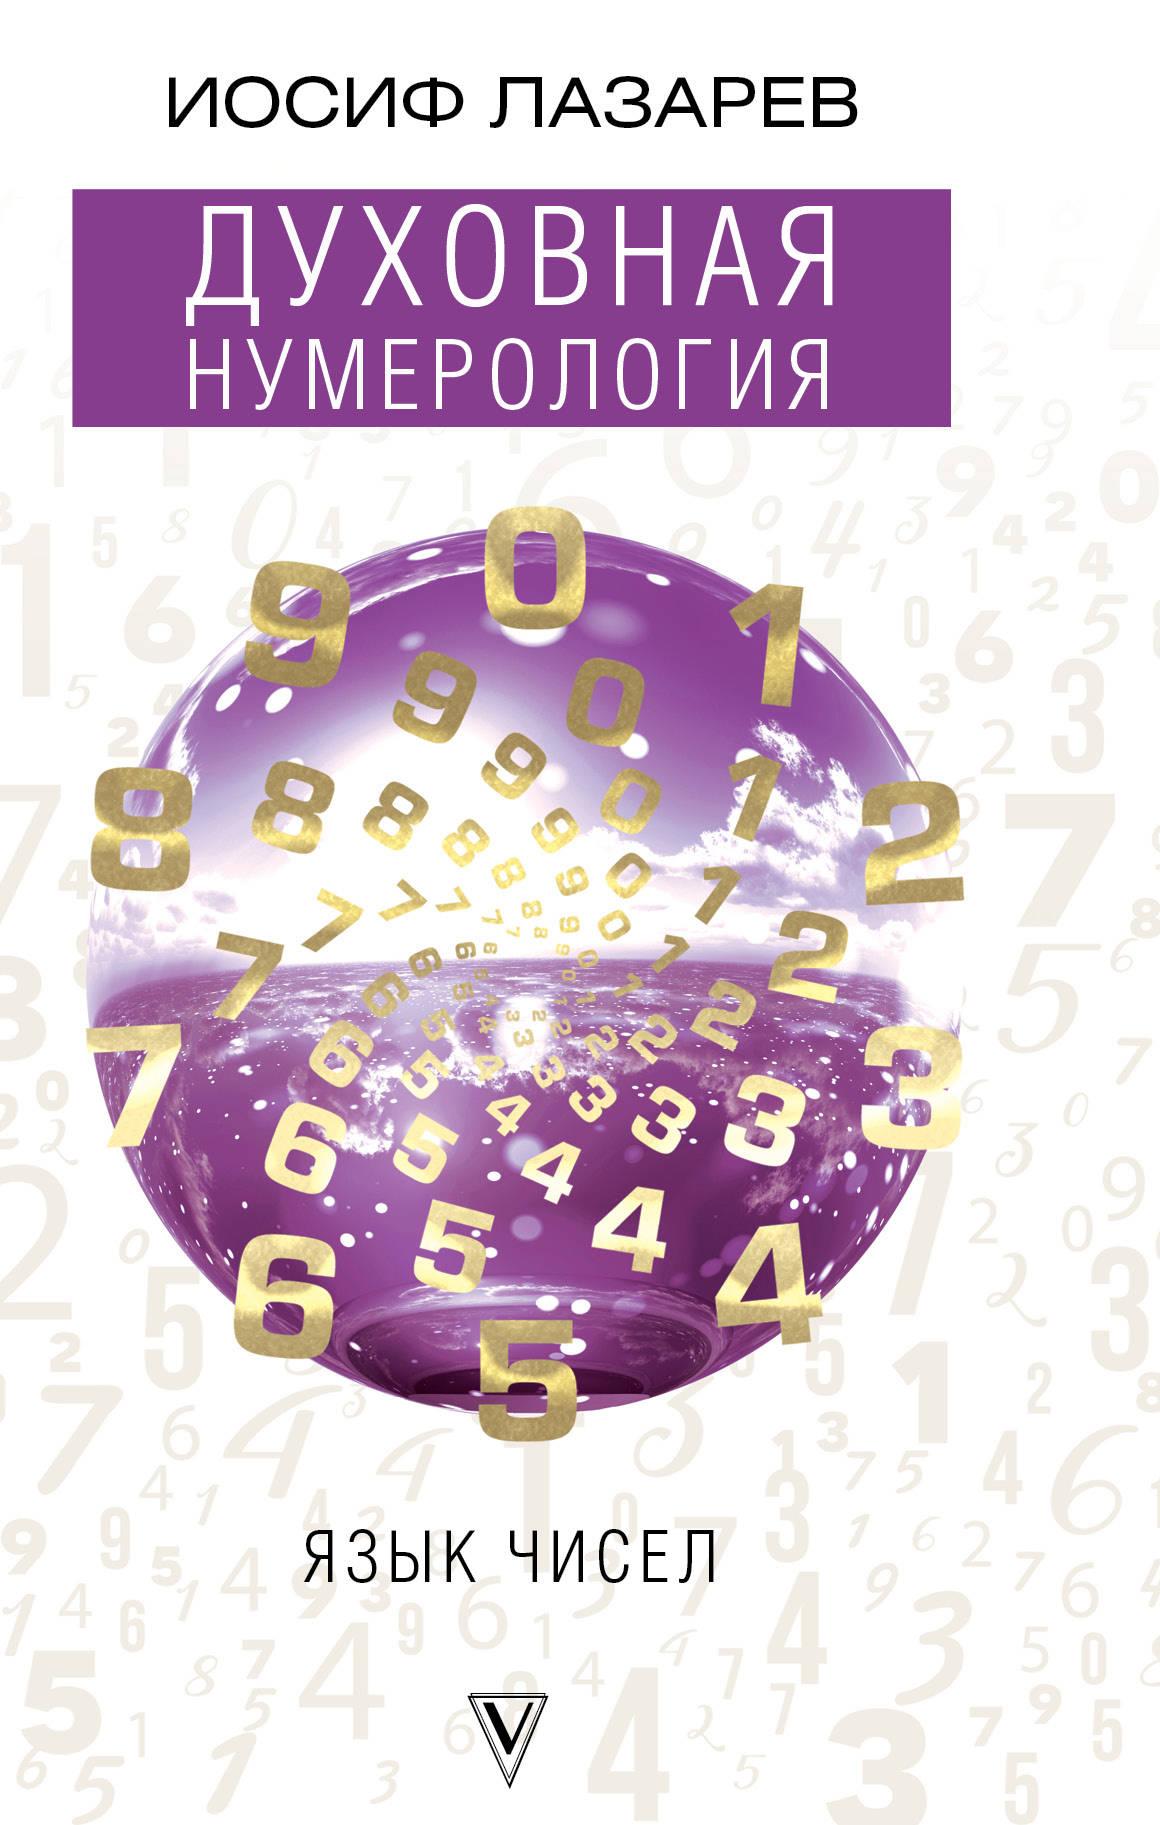 izmeritelplus.ru Духовная нумерология. Язык чисел. Иосиф Лазарев